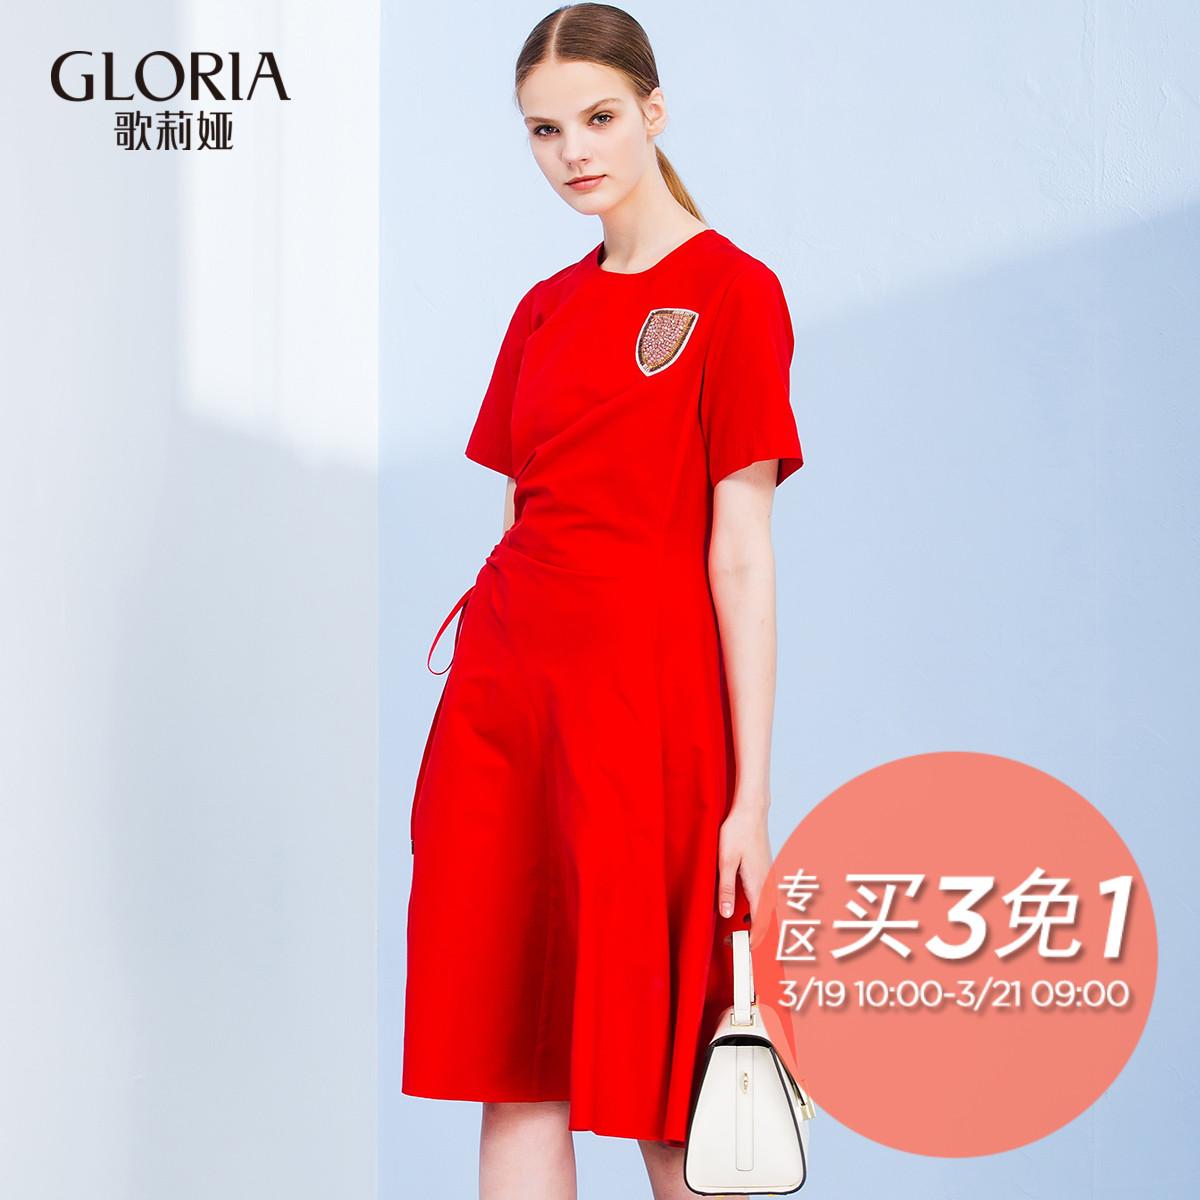 歌莉娅女装 GLORIA歌莉娅侧边不对称式红色时尚学院风连衣裙175K4B040_推荐淘宝好看的歌莉娅